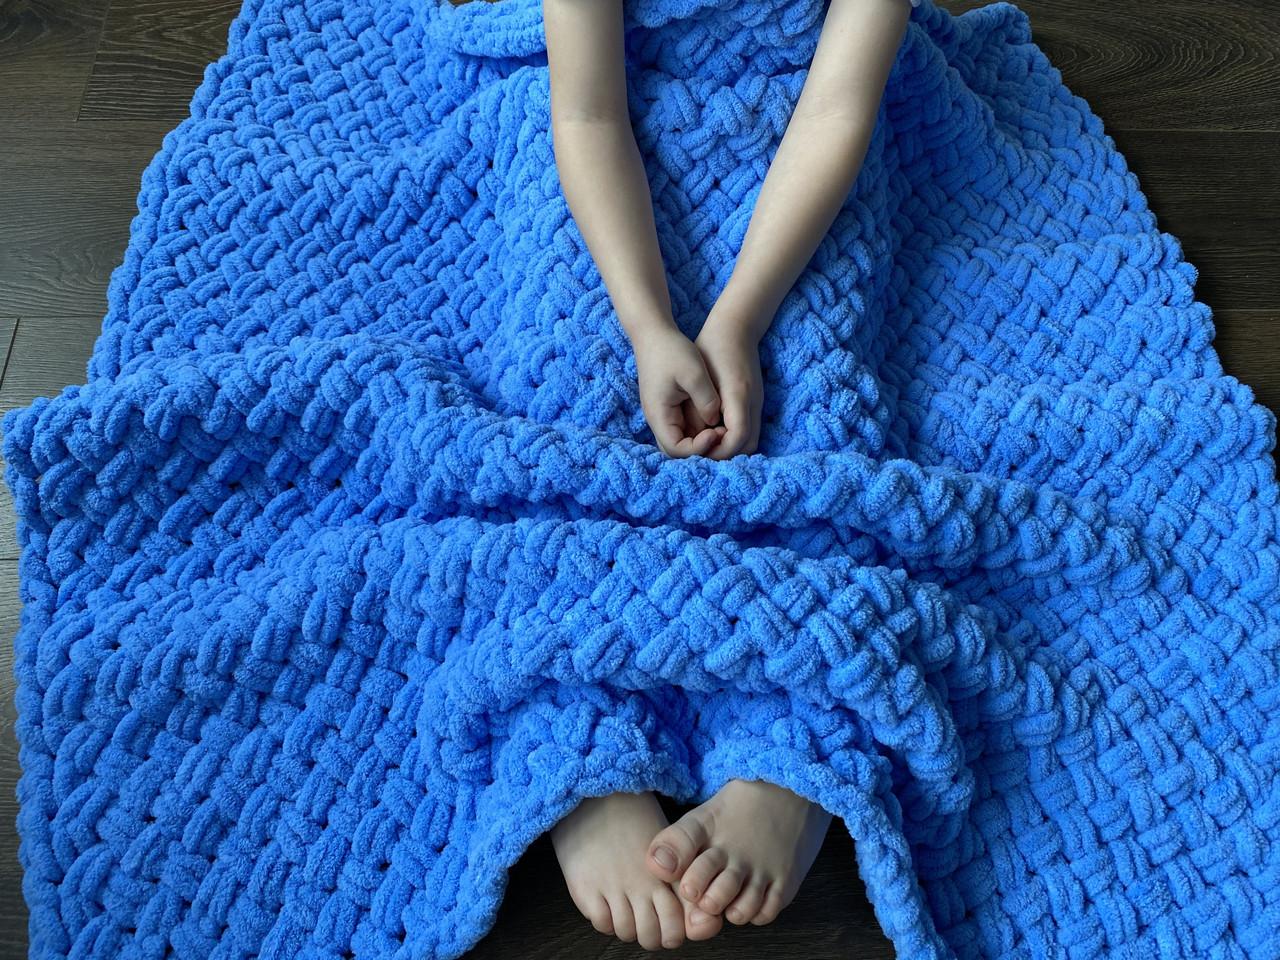 Плюшевый детский плед, размер 100/100 см.